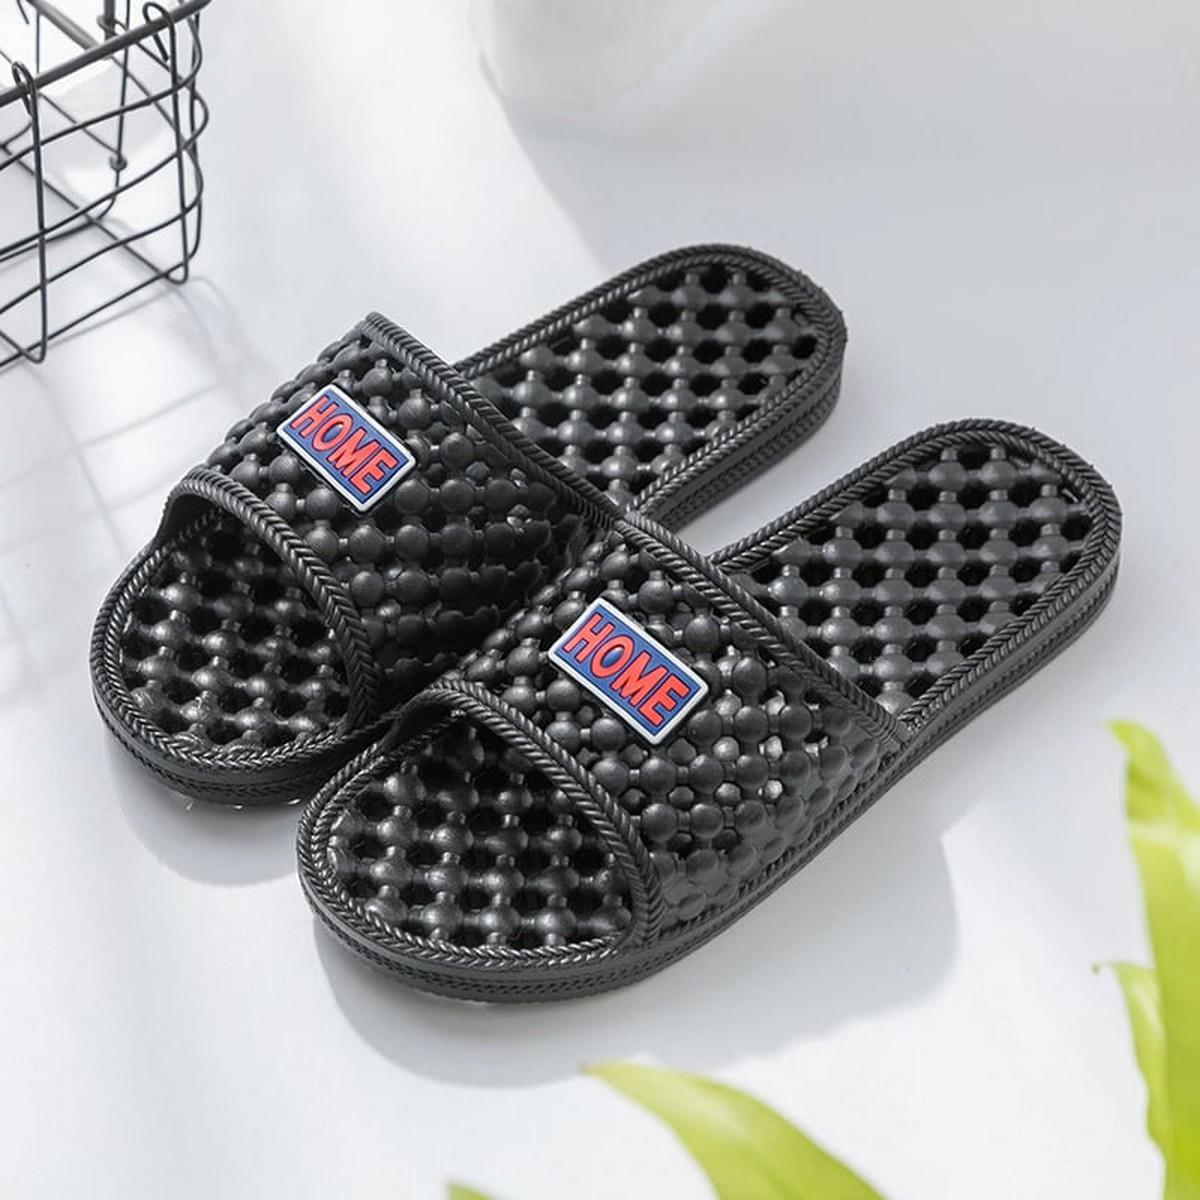 Bathroom Shower Slipper Non-Slip Bubble Spa Massage Shoes Household Sandal